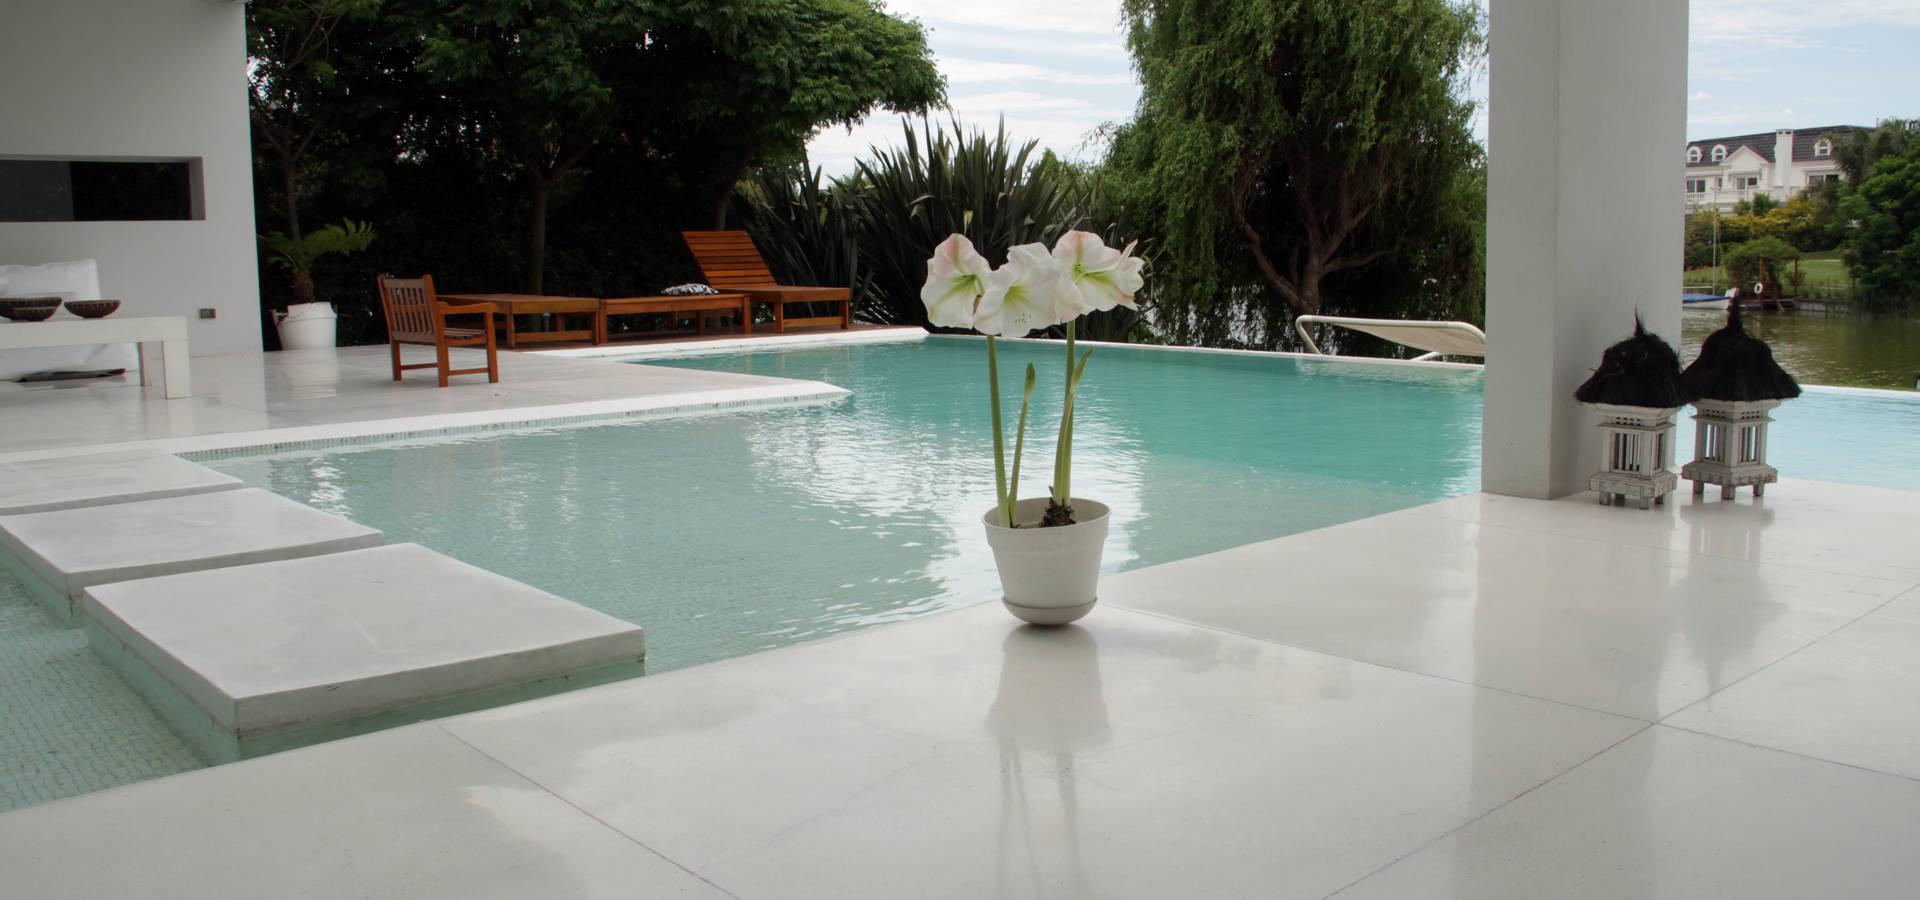 Piscina nocturnas by parquearte piscinas como iconos de - Disenos de piscinas ...